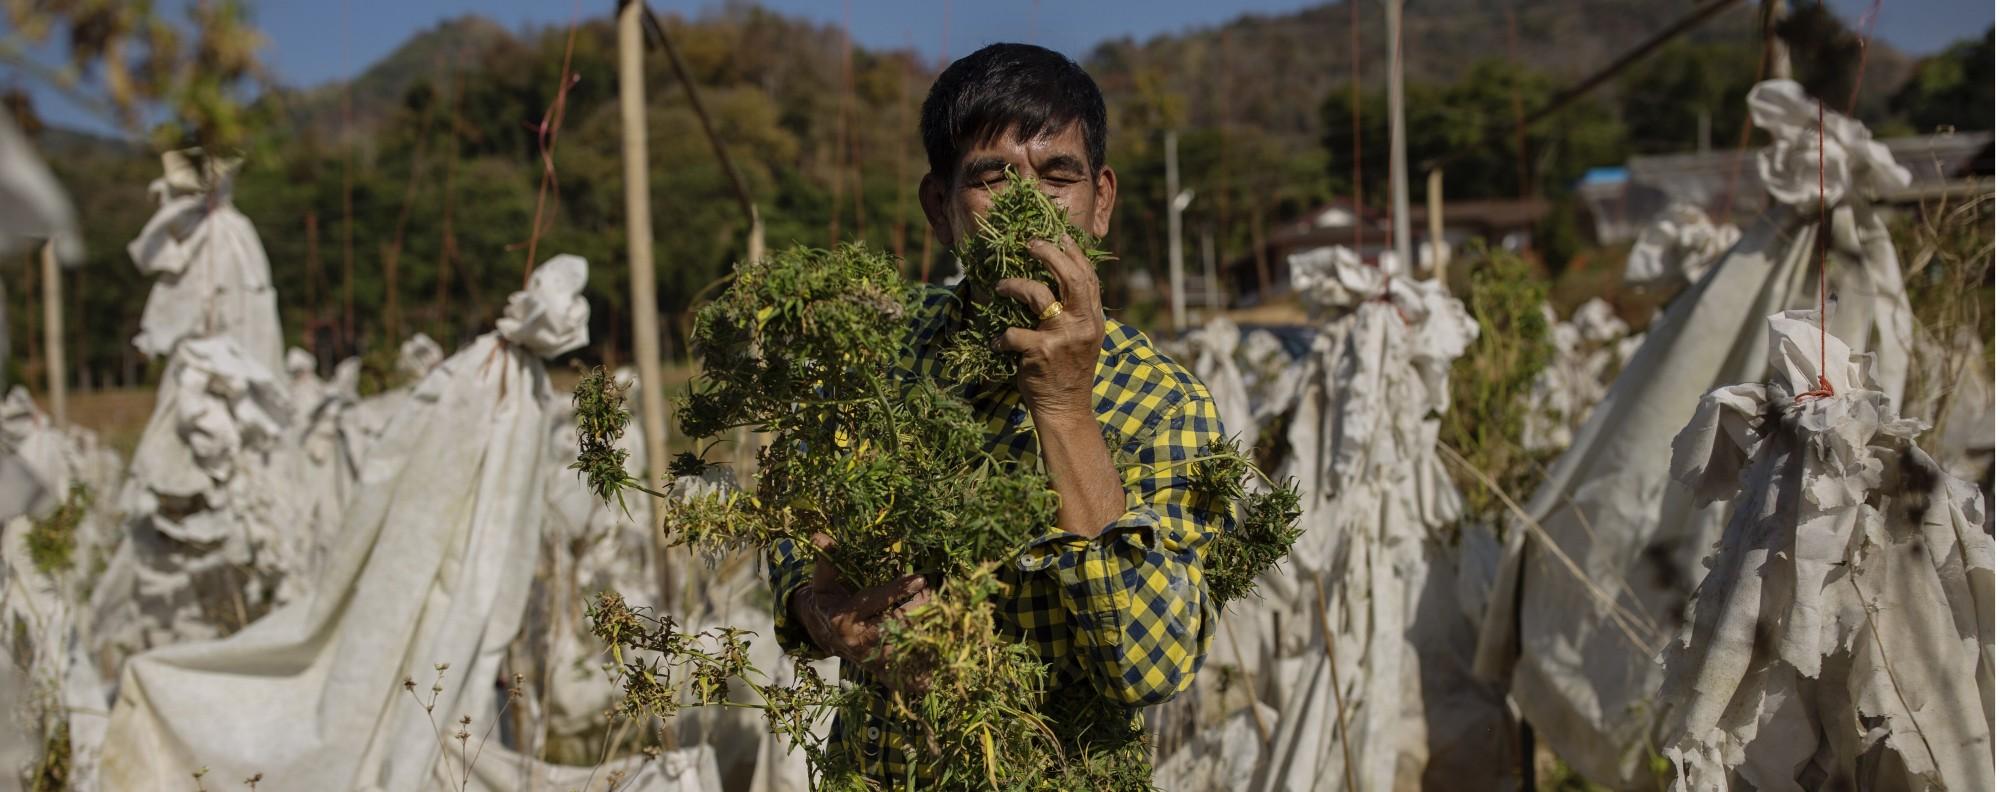 thailand cannabis.jpg